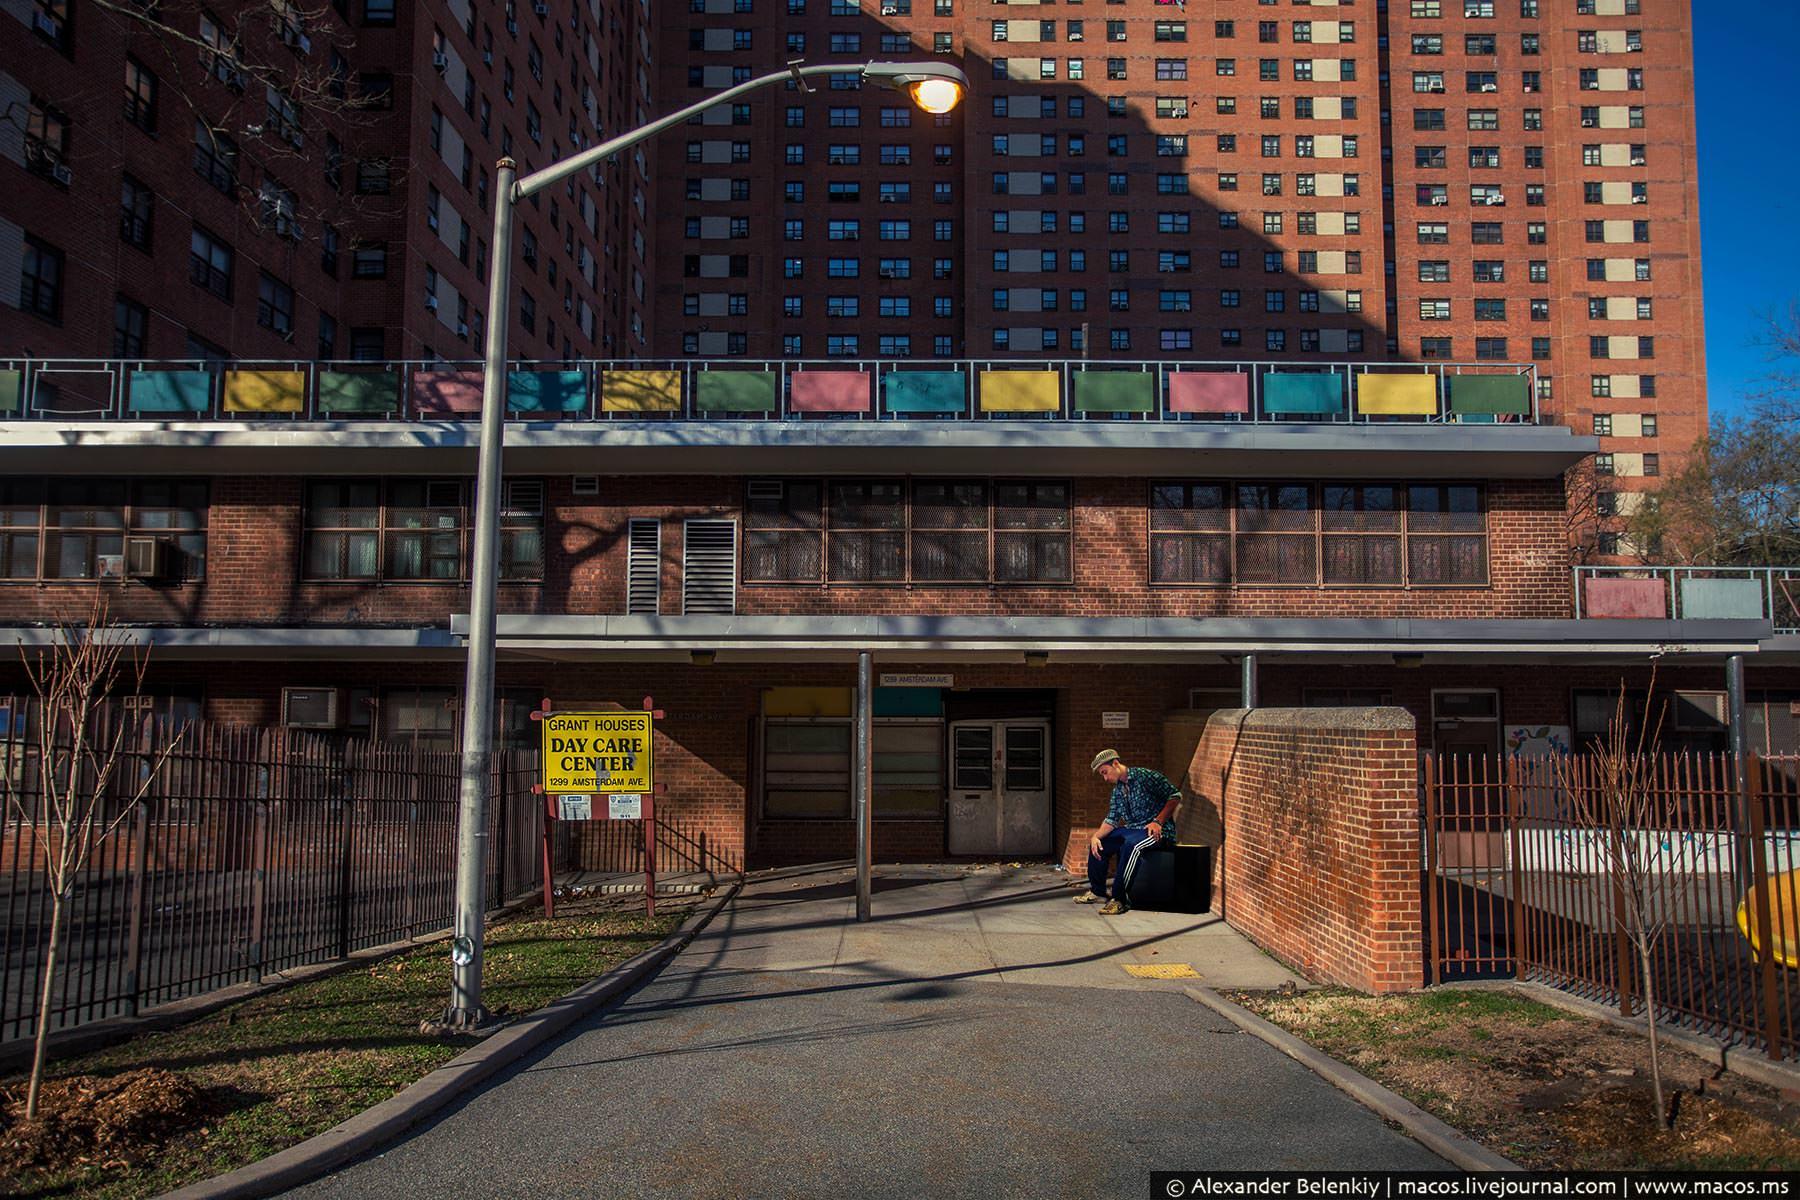 Нью-Йорк для самых бедных. Прогулка по спальному району